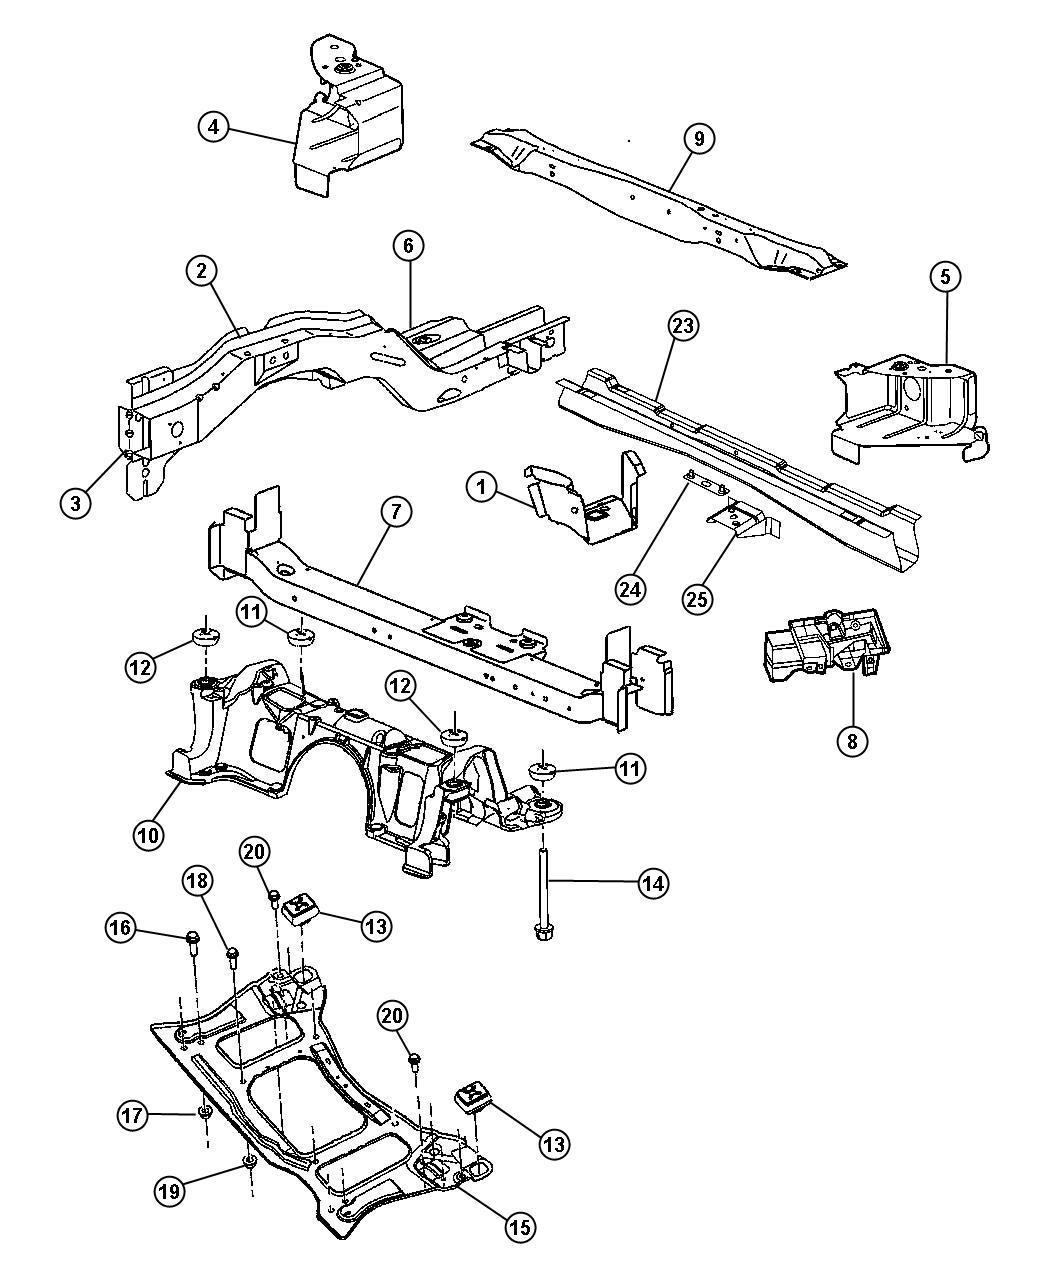 Dodge Caravan Tapping Plate Floor Crossmember Spare